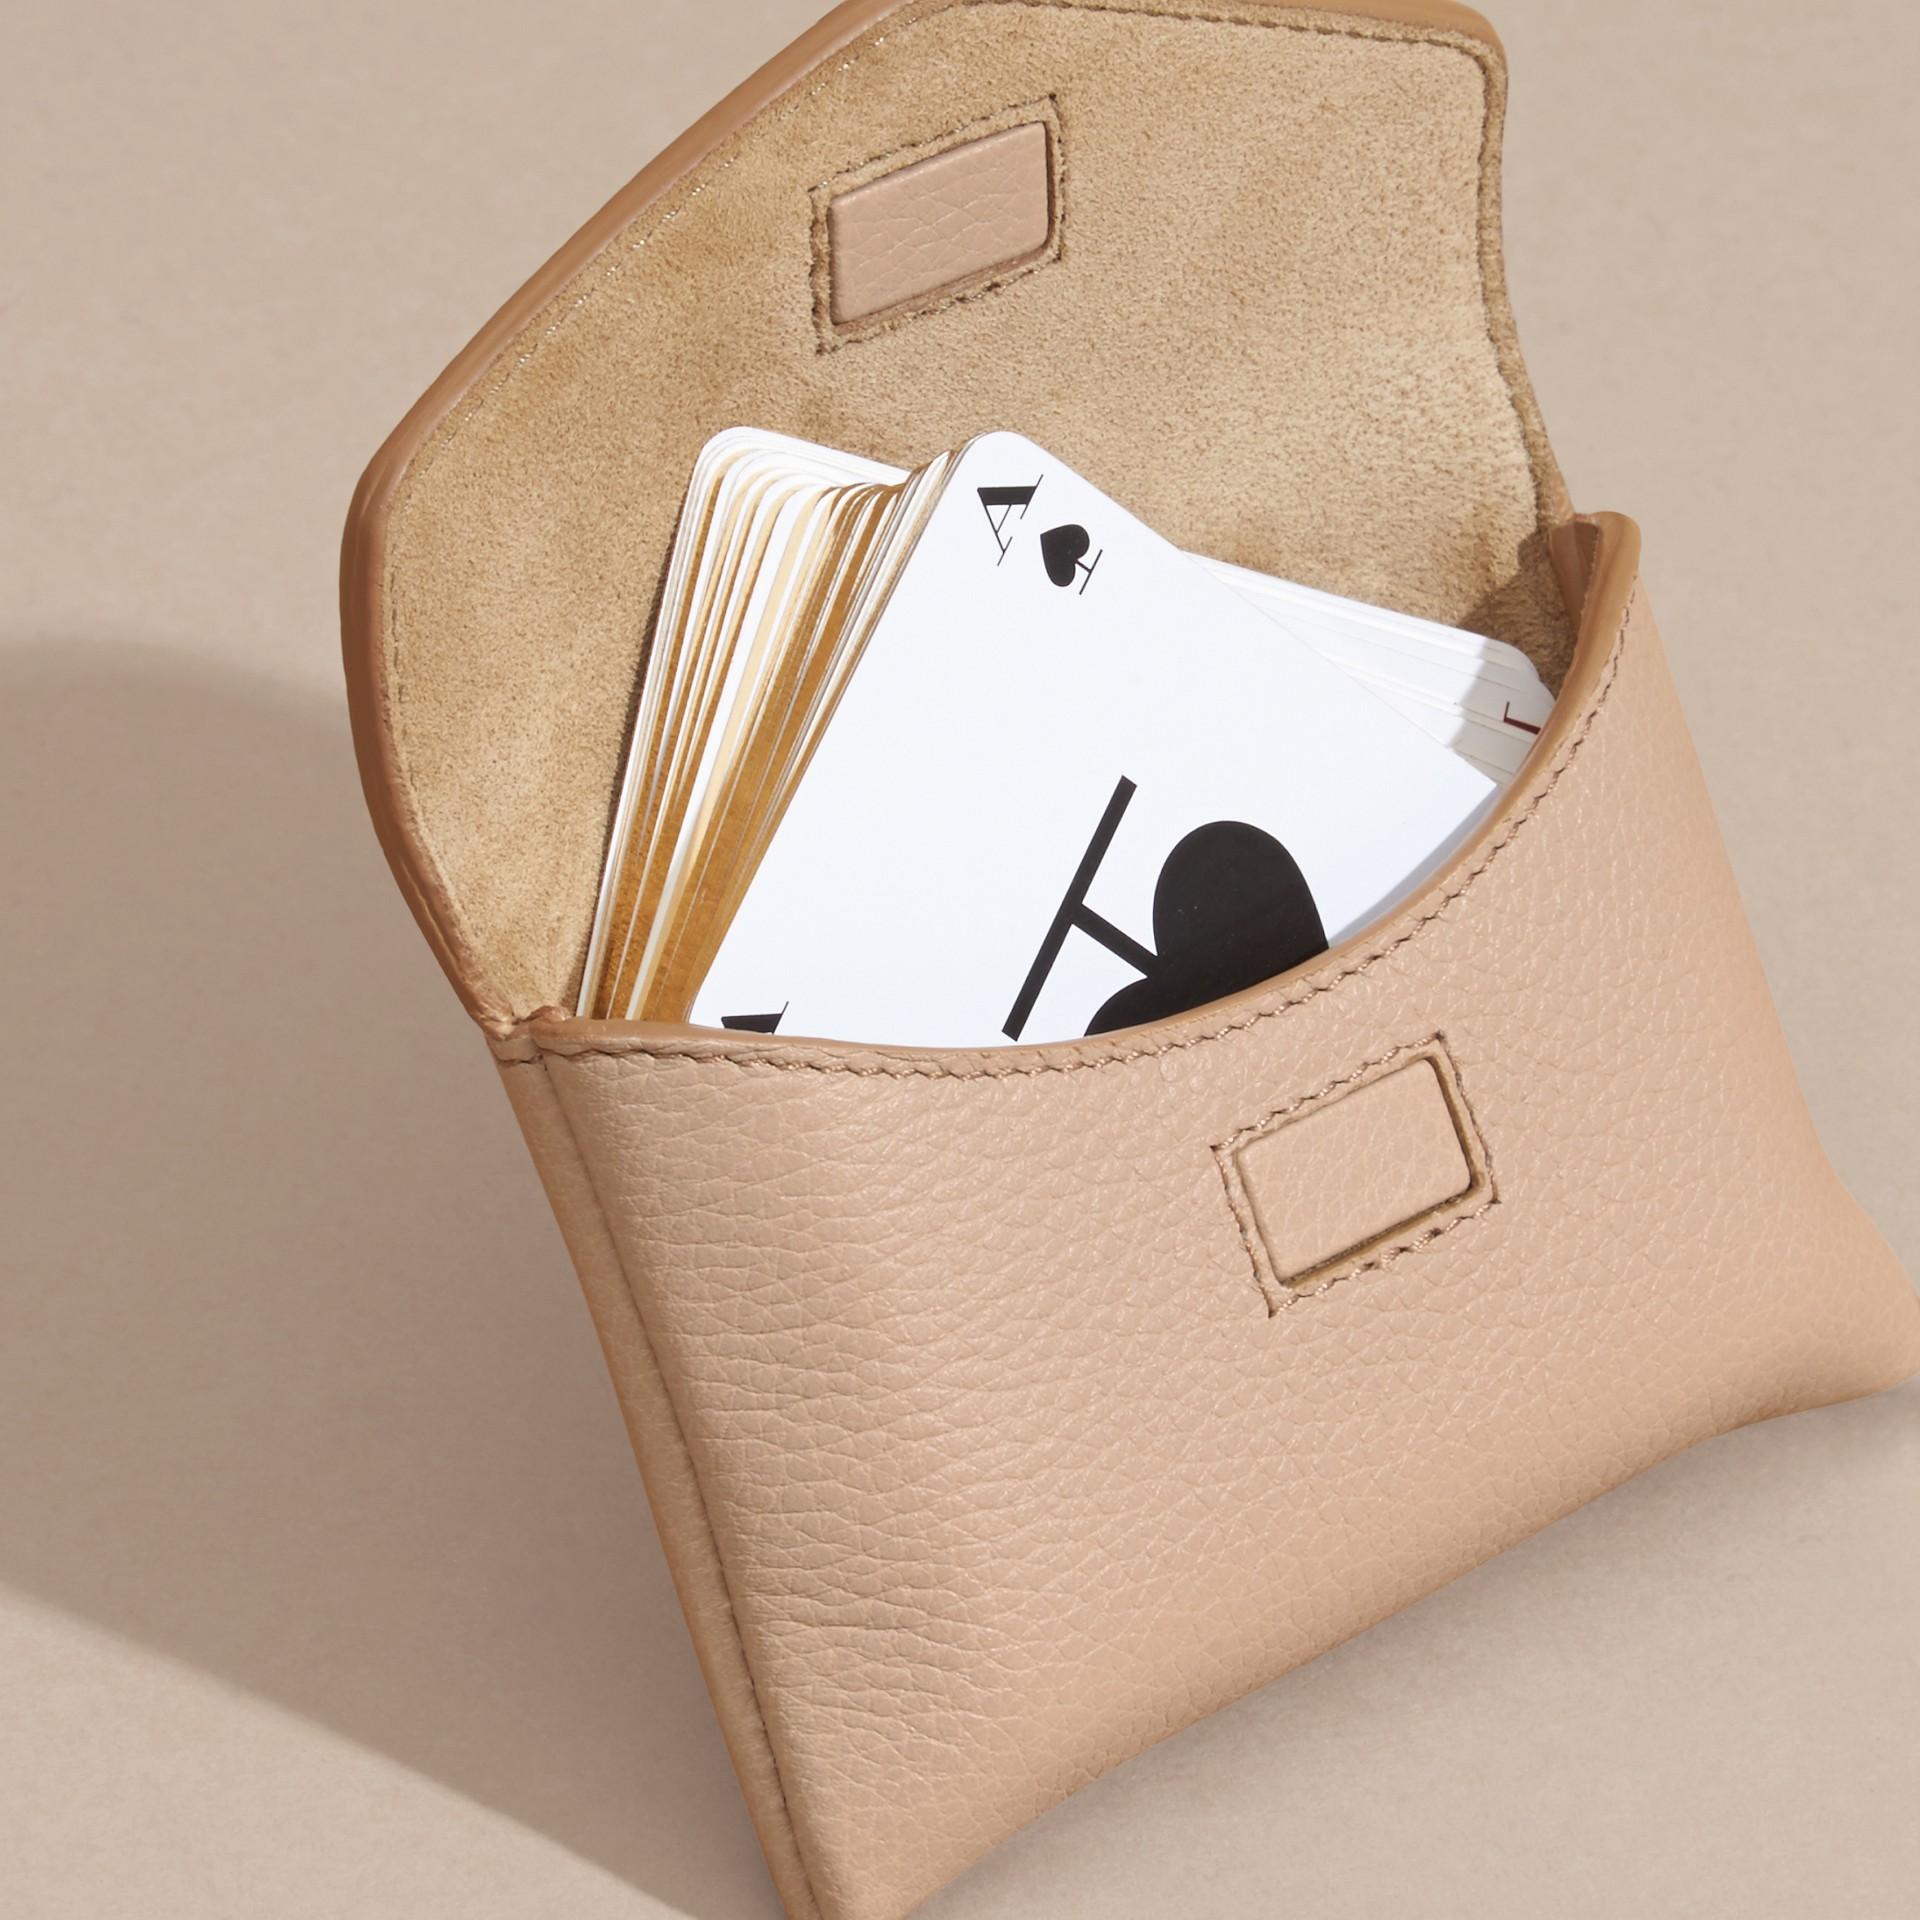 Abricot pâle Étui pour jeu de cartes en cuir grené Abricot Pâle - photo de la galerie 3